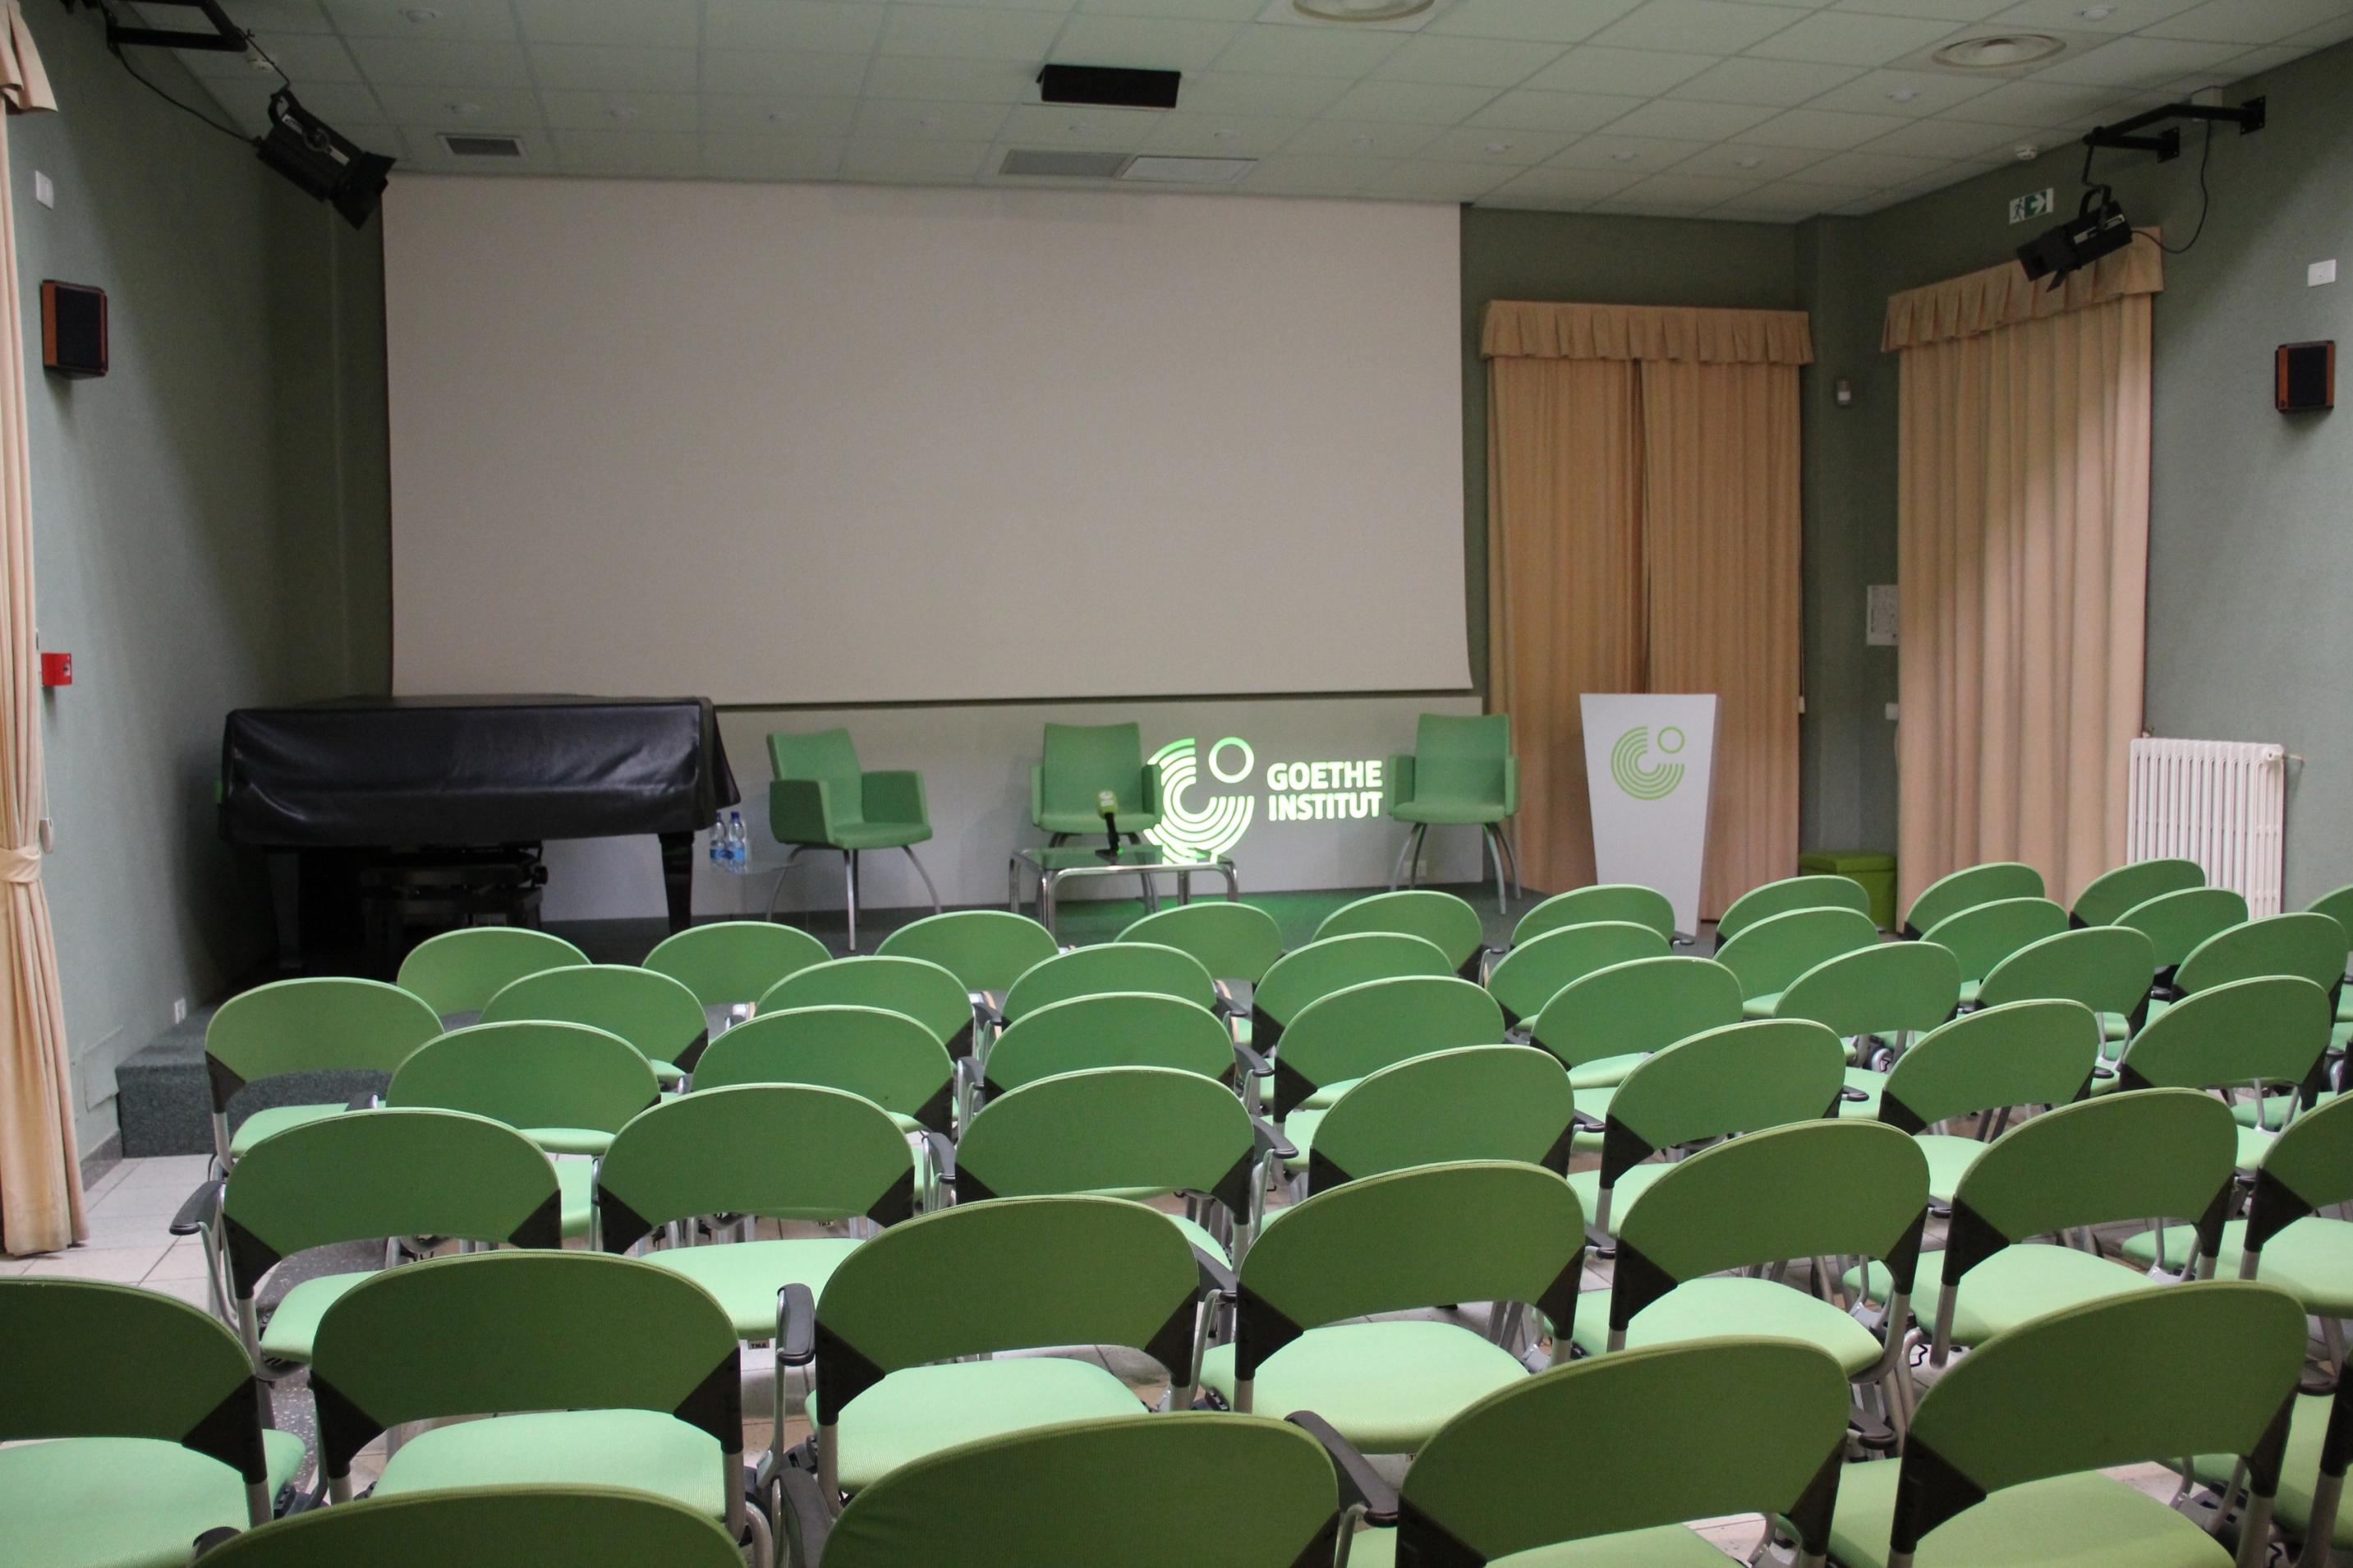 Goethe Institut - Palermo